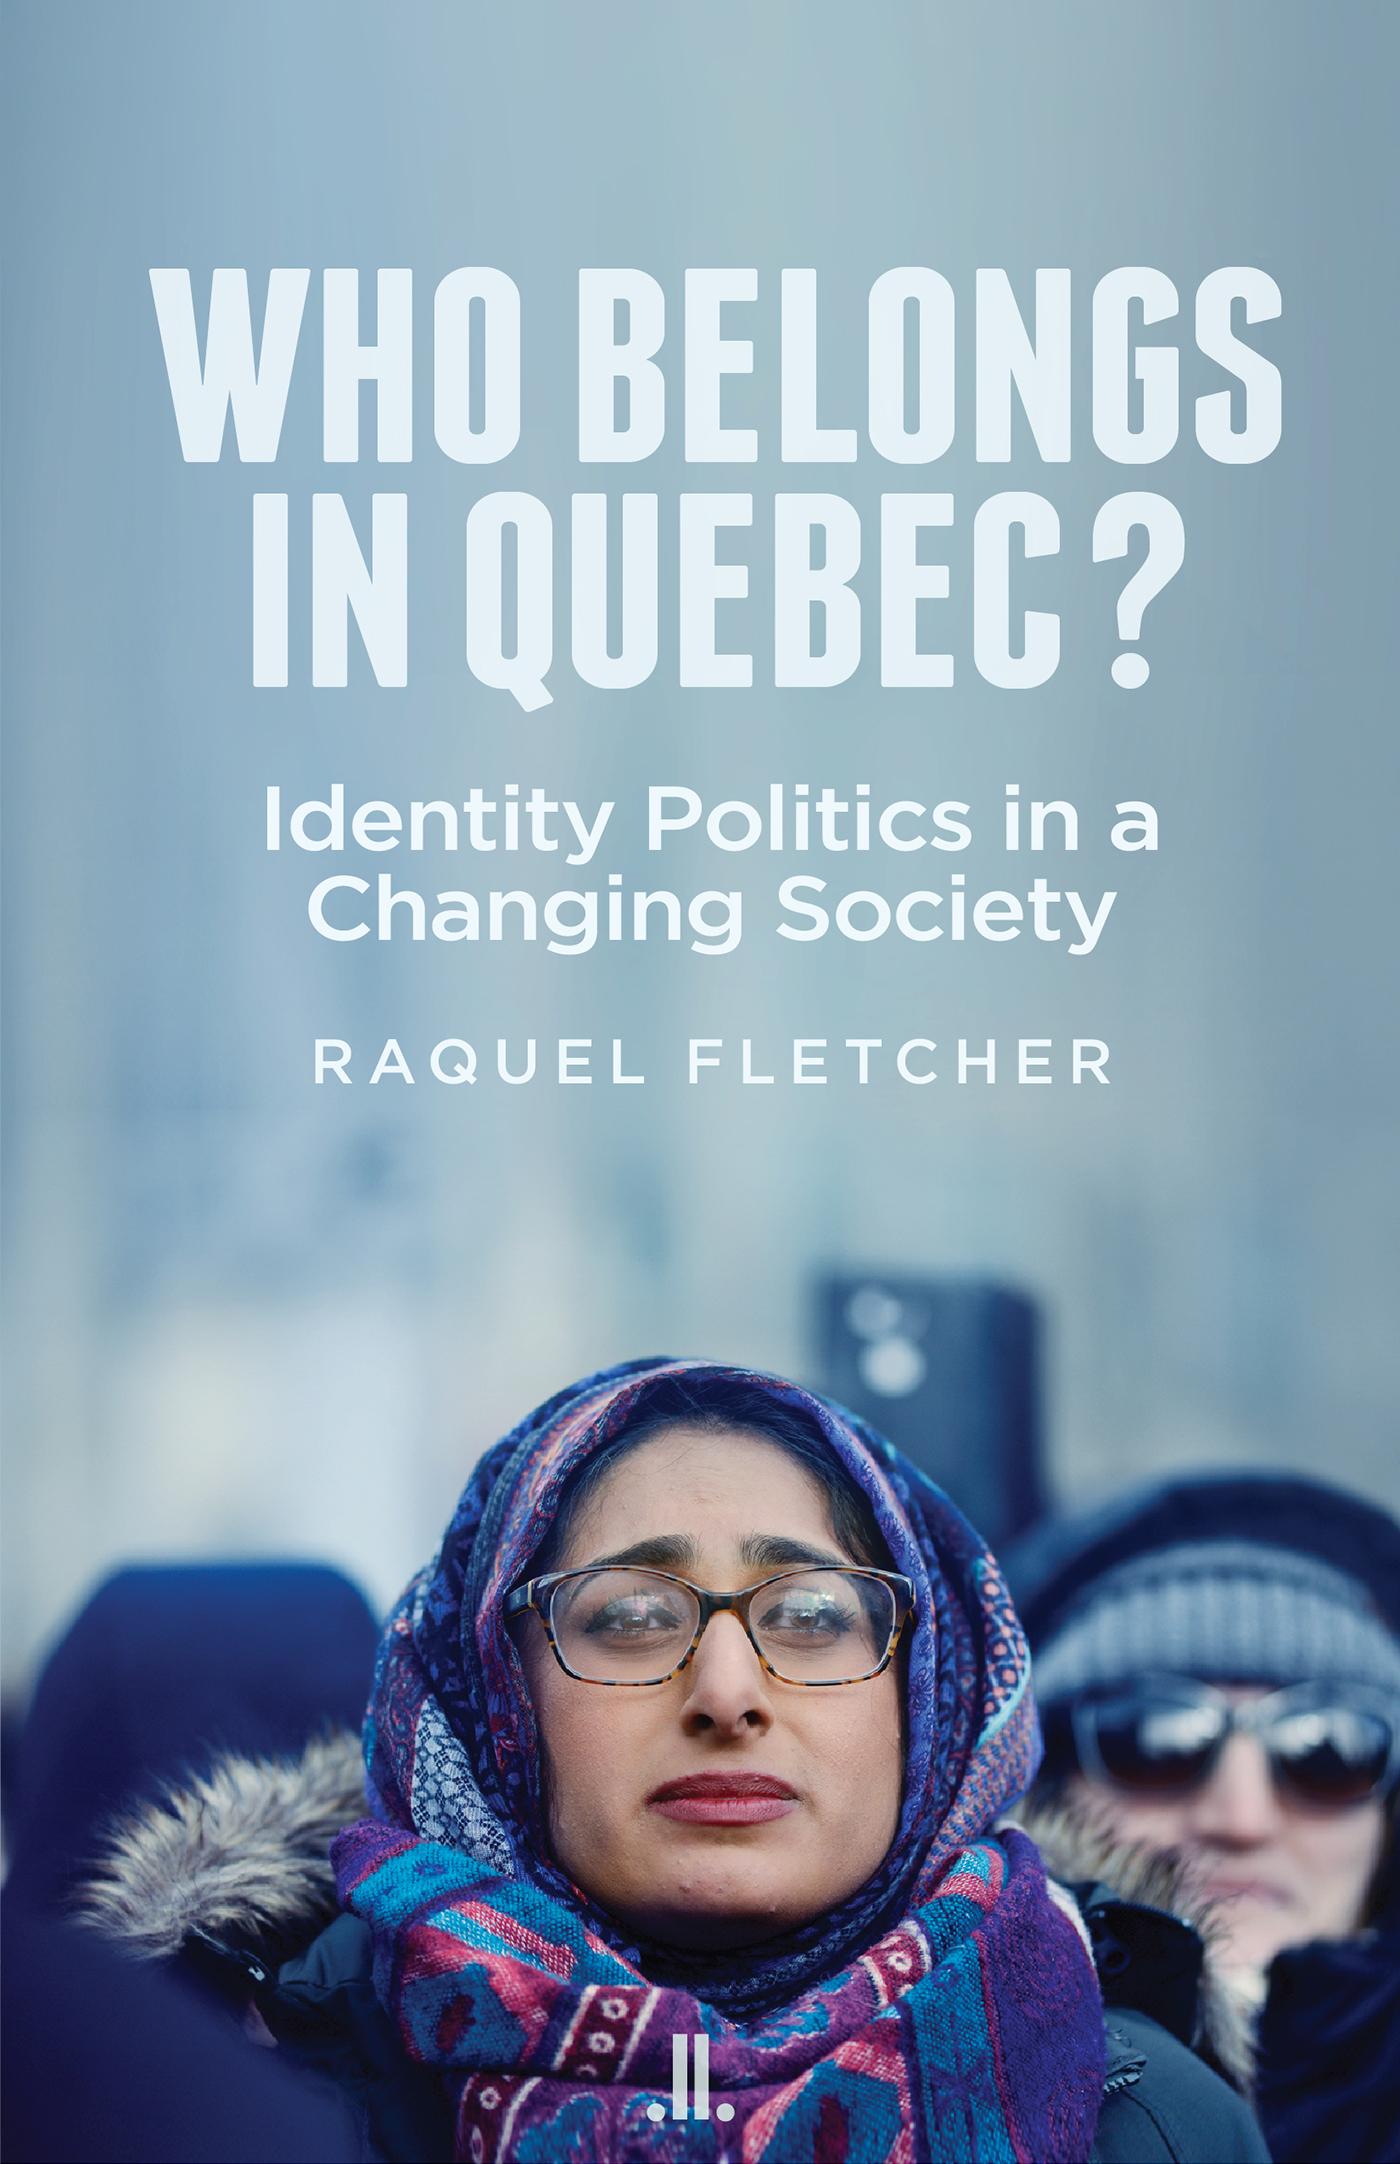 Who Belongs in Quebec?